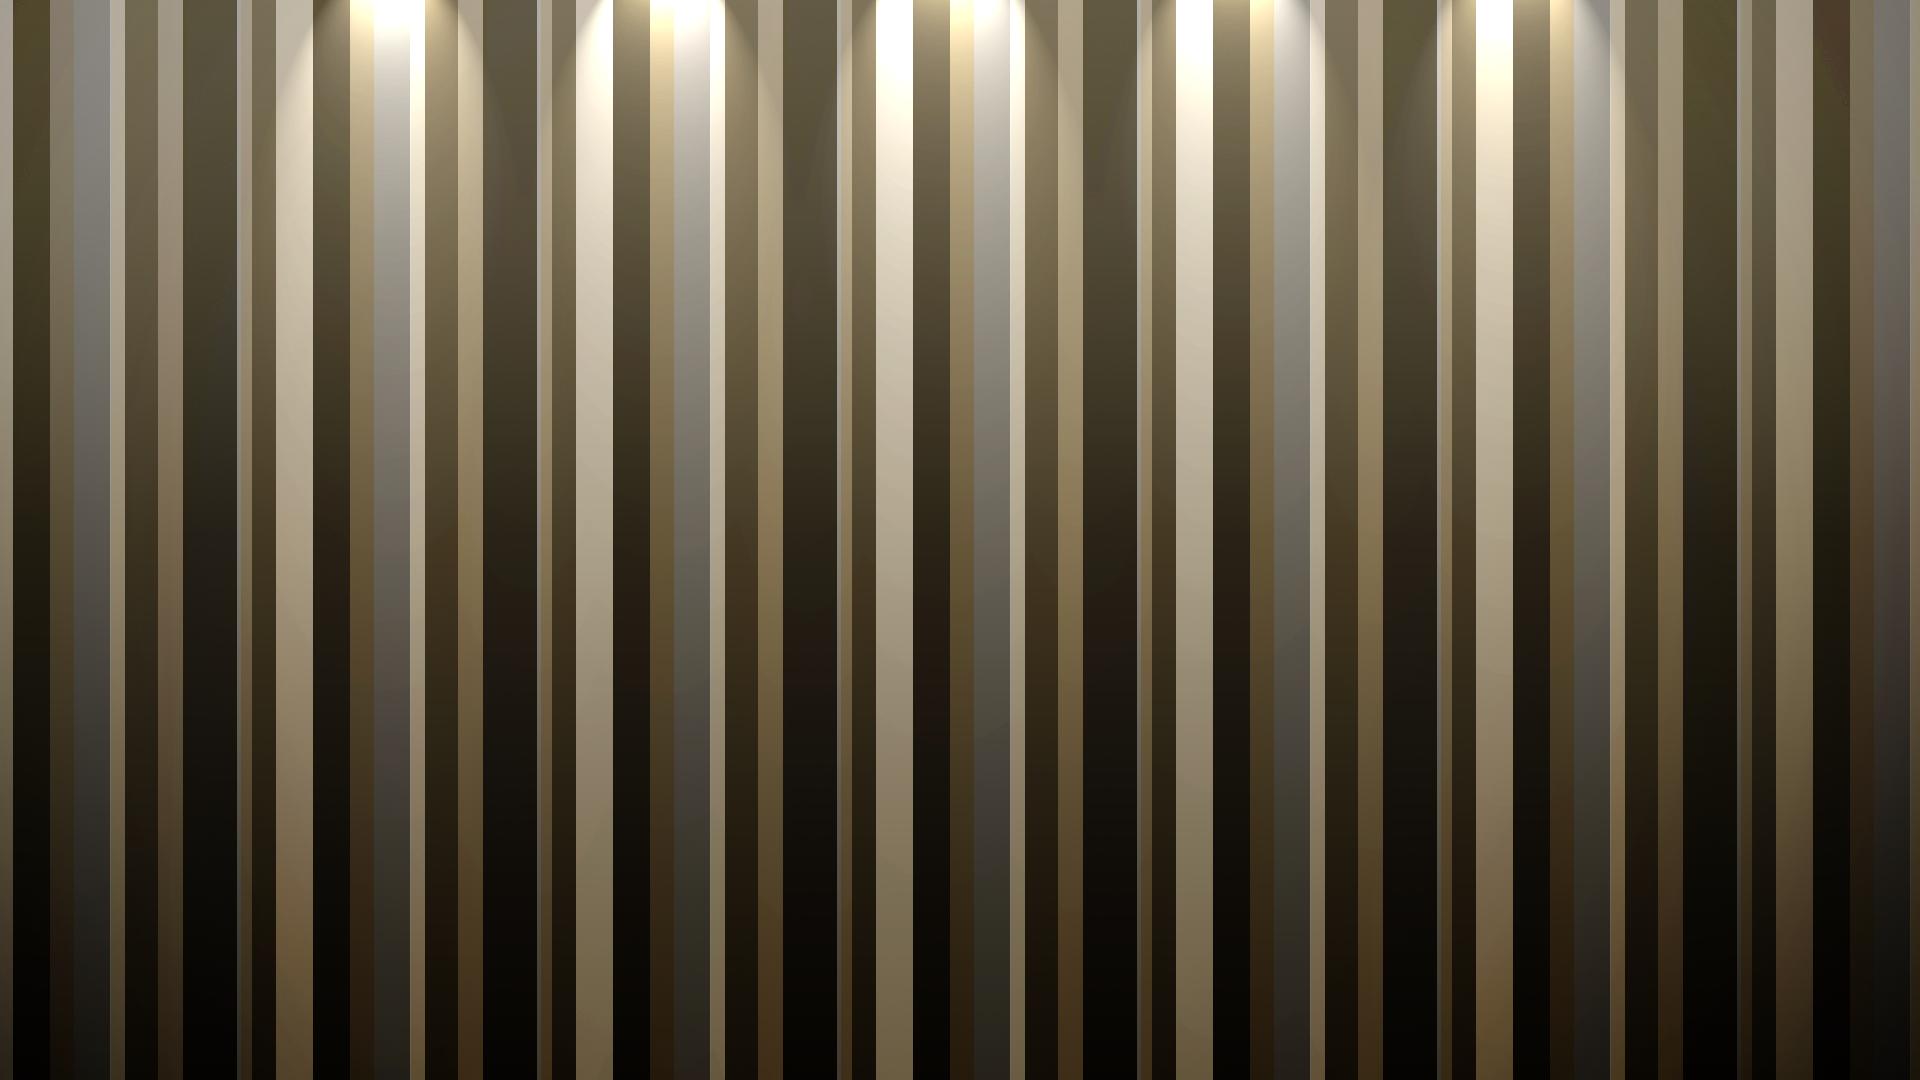 wallpaper 3d for mobile